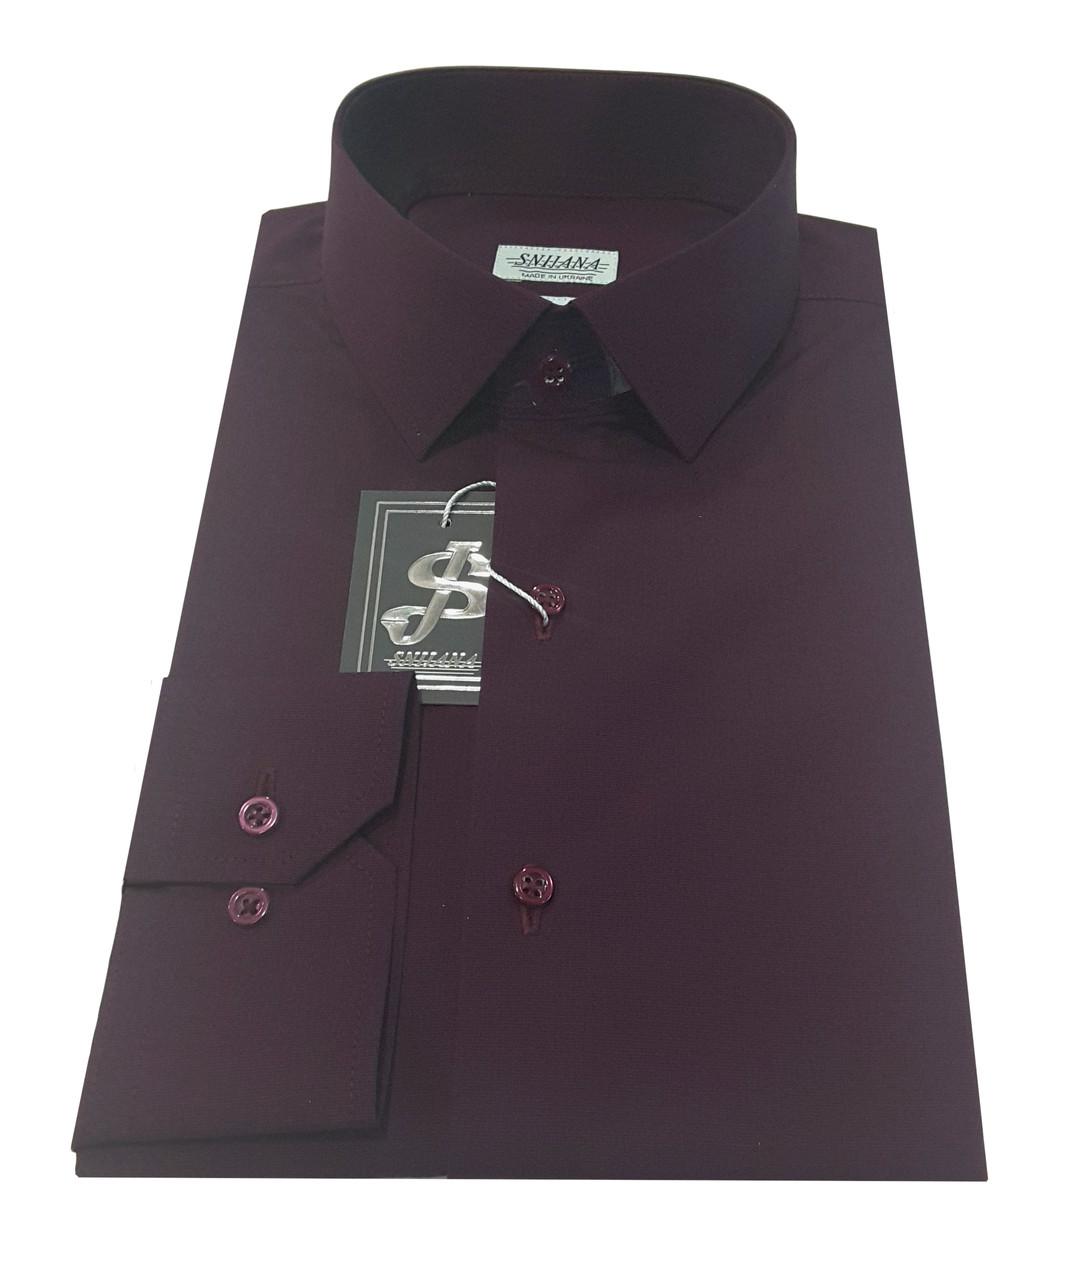 Рубашка мужская приталенная №10-12 - Filafil - Е